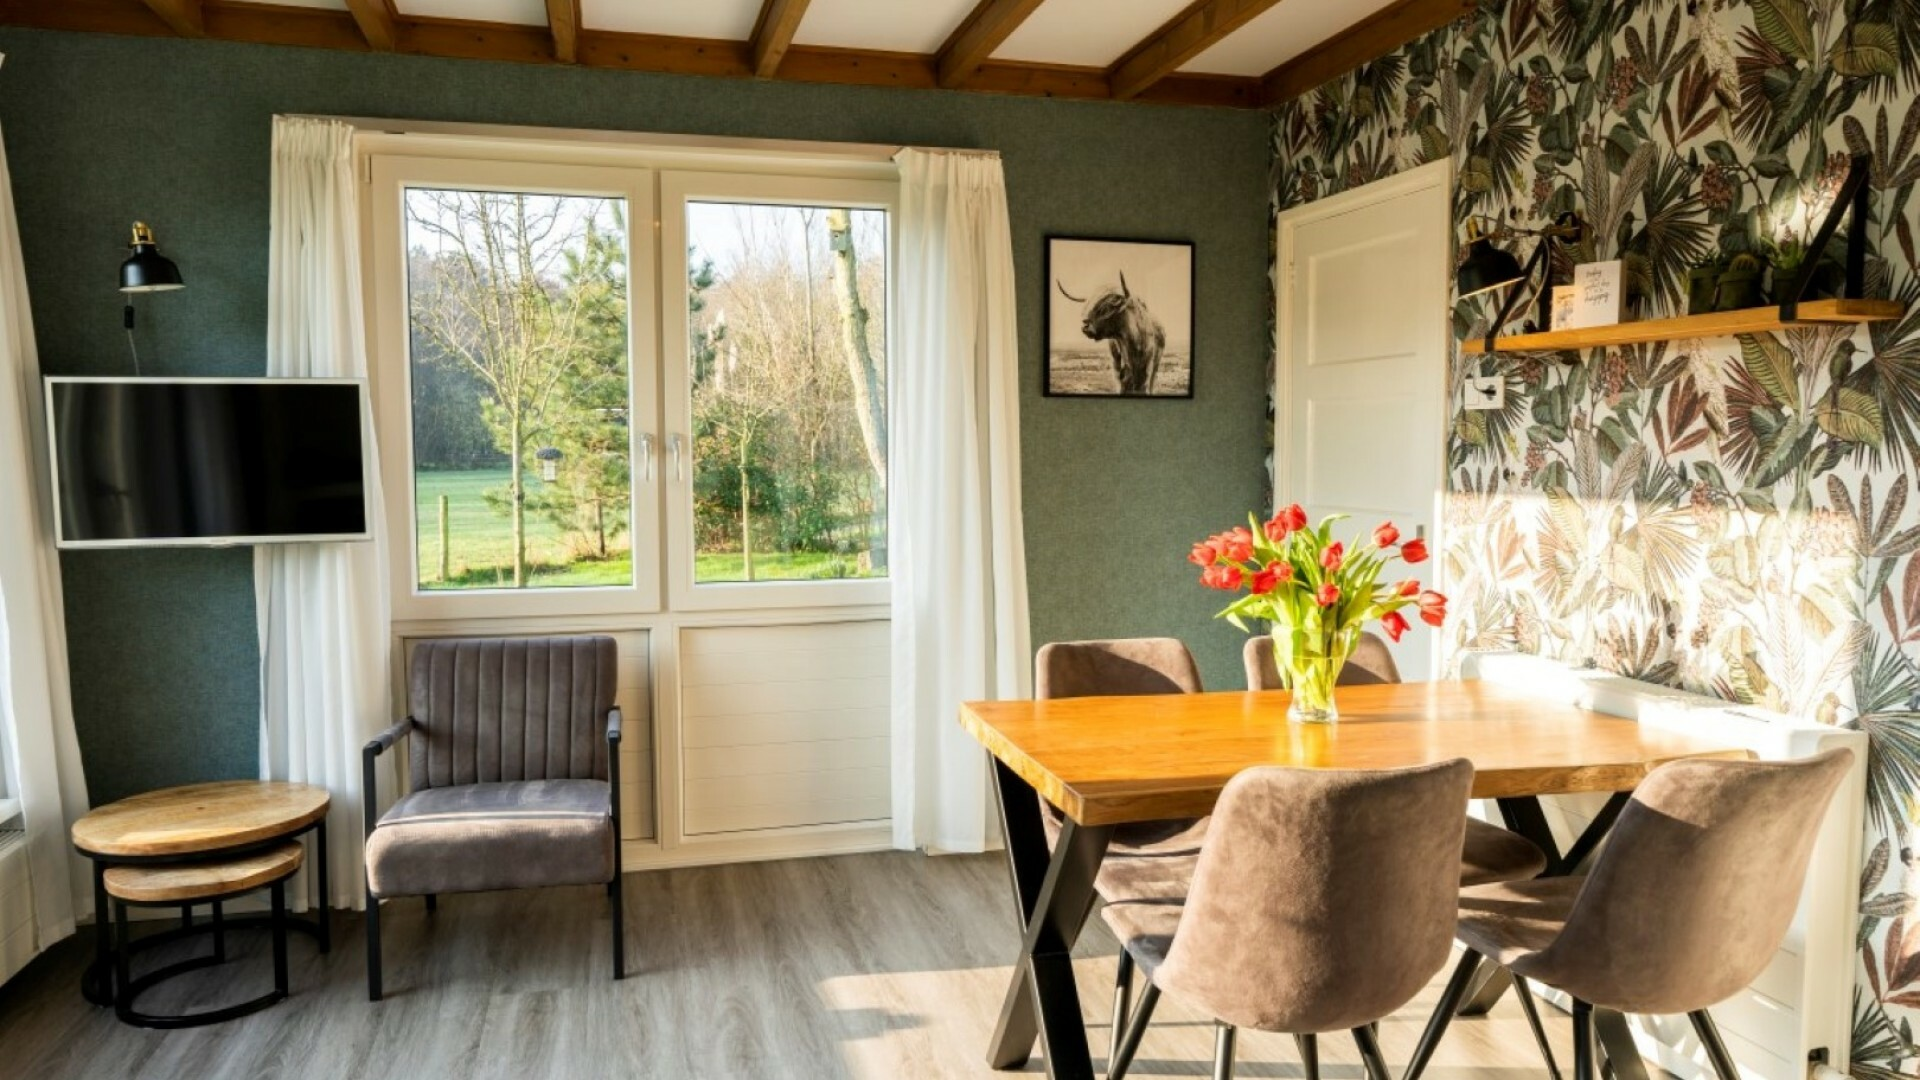 Vakantiehuis Het Tuinhuis eettafel en zitje VVV Texel